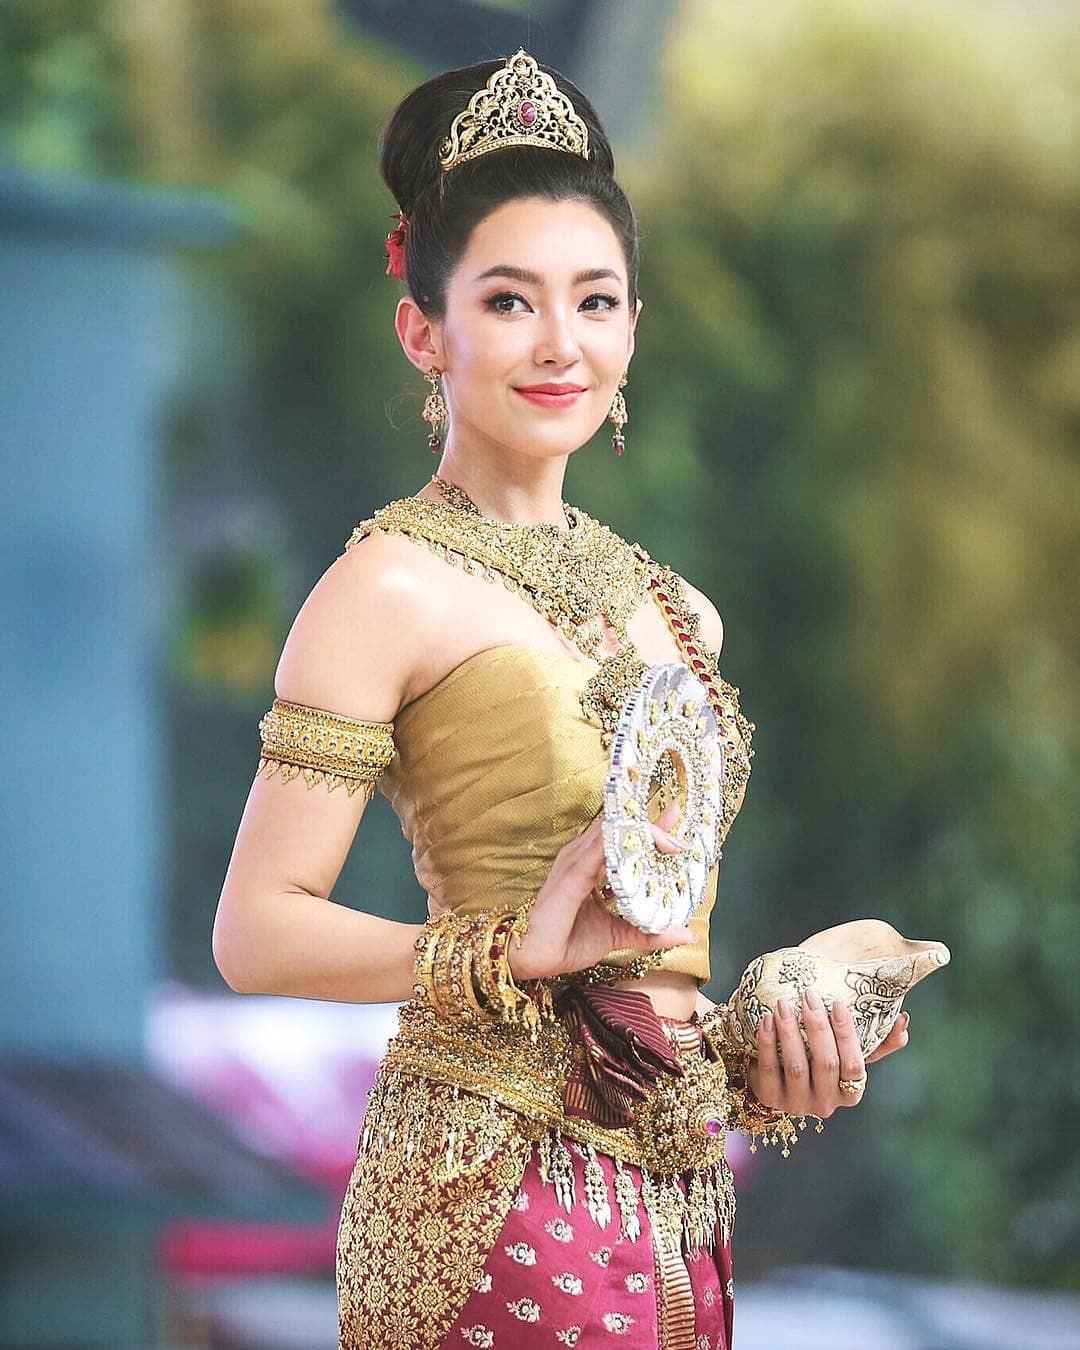 Dàn mỹ nhân đẹp nhất Tbiz hóa nữ thần tại Songkran 2019: Nữ chính Friend zone đỉnh cao nhưng có bằng 5 sao nữ này? - Ảnh 10.